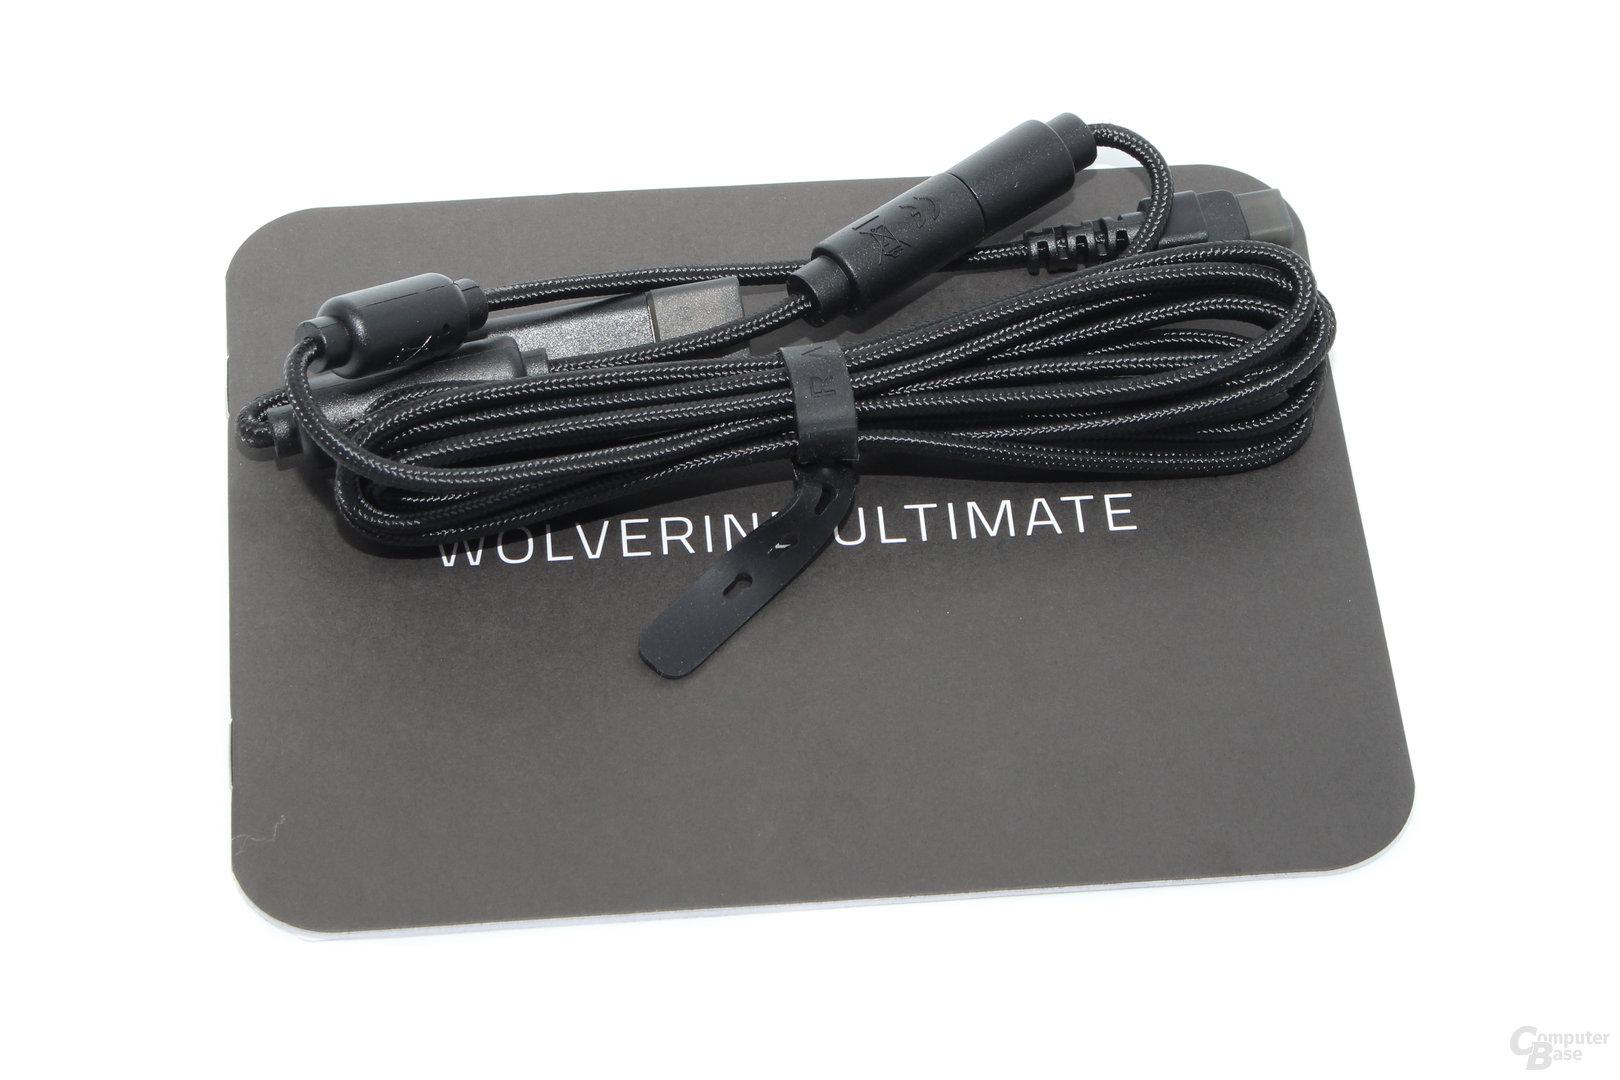 Lieferumfang: Kurzanleitung, USB-Kabel